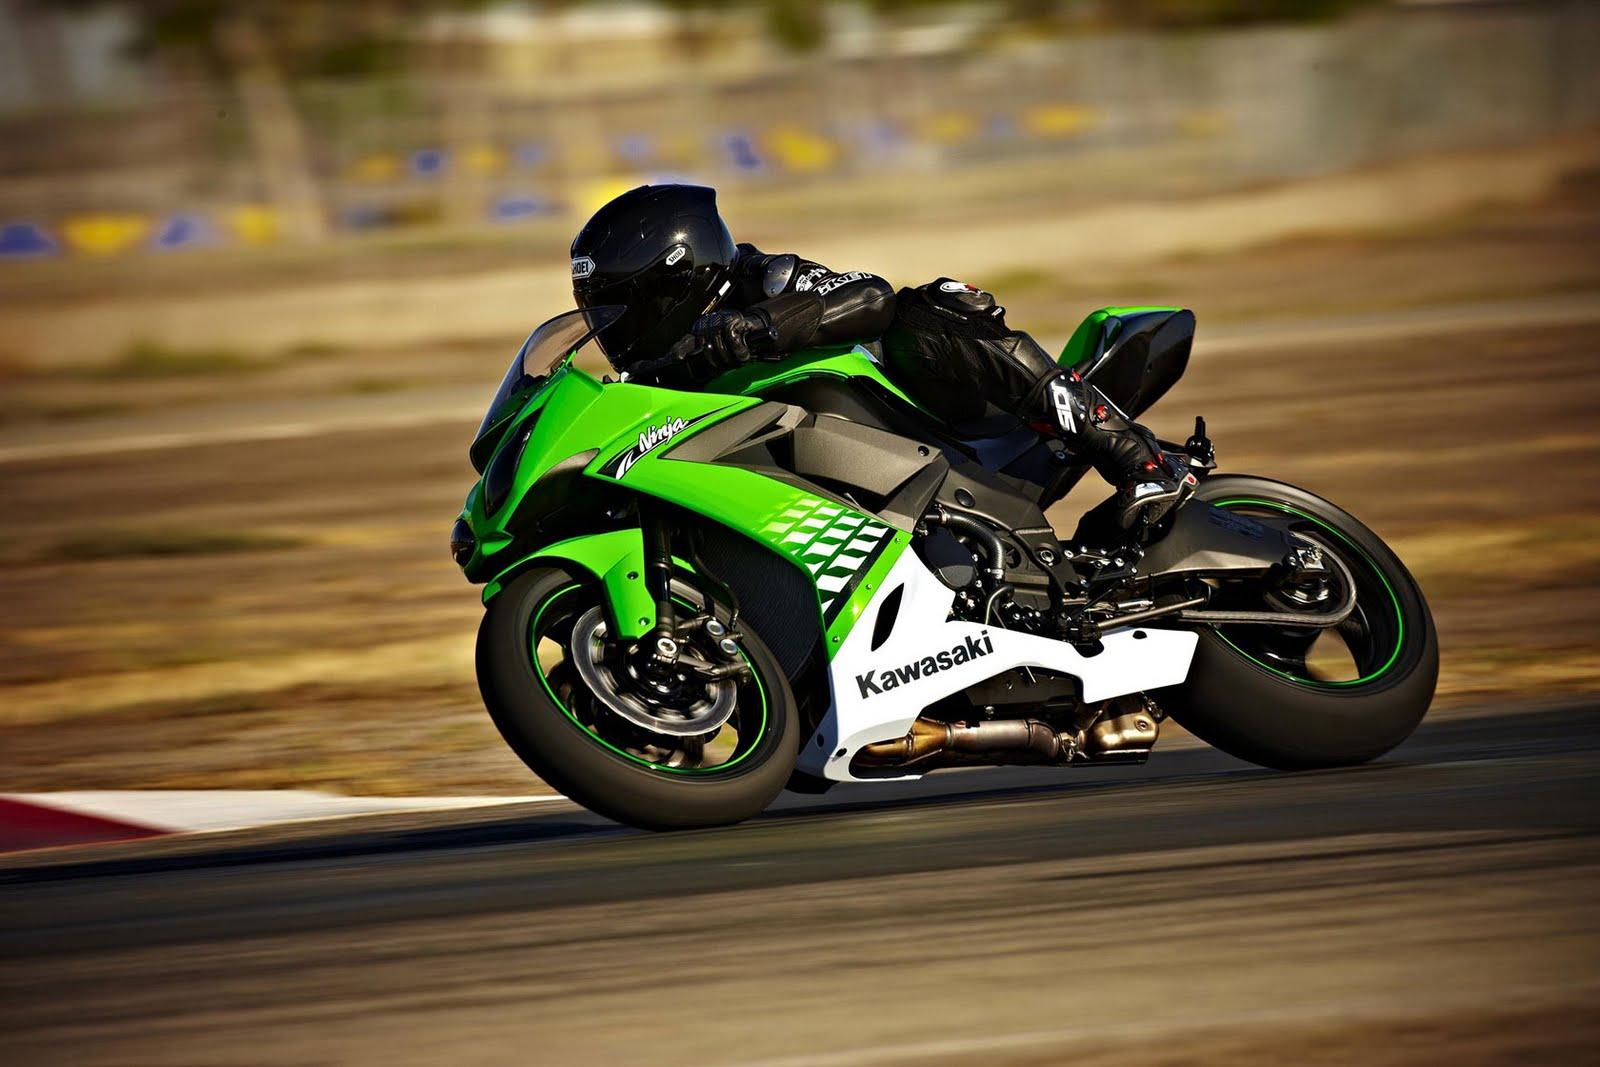 Insane Kawasaki Bike Hd Wallpaper: 2011 Kawasaki Ninja ZX-10R Sportbike